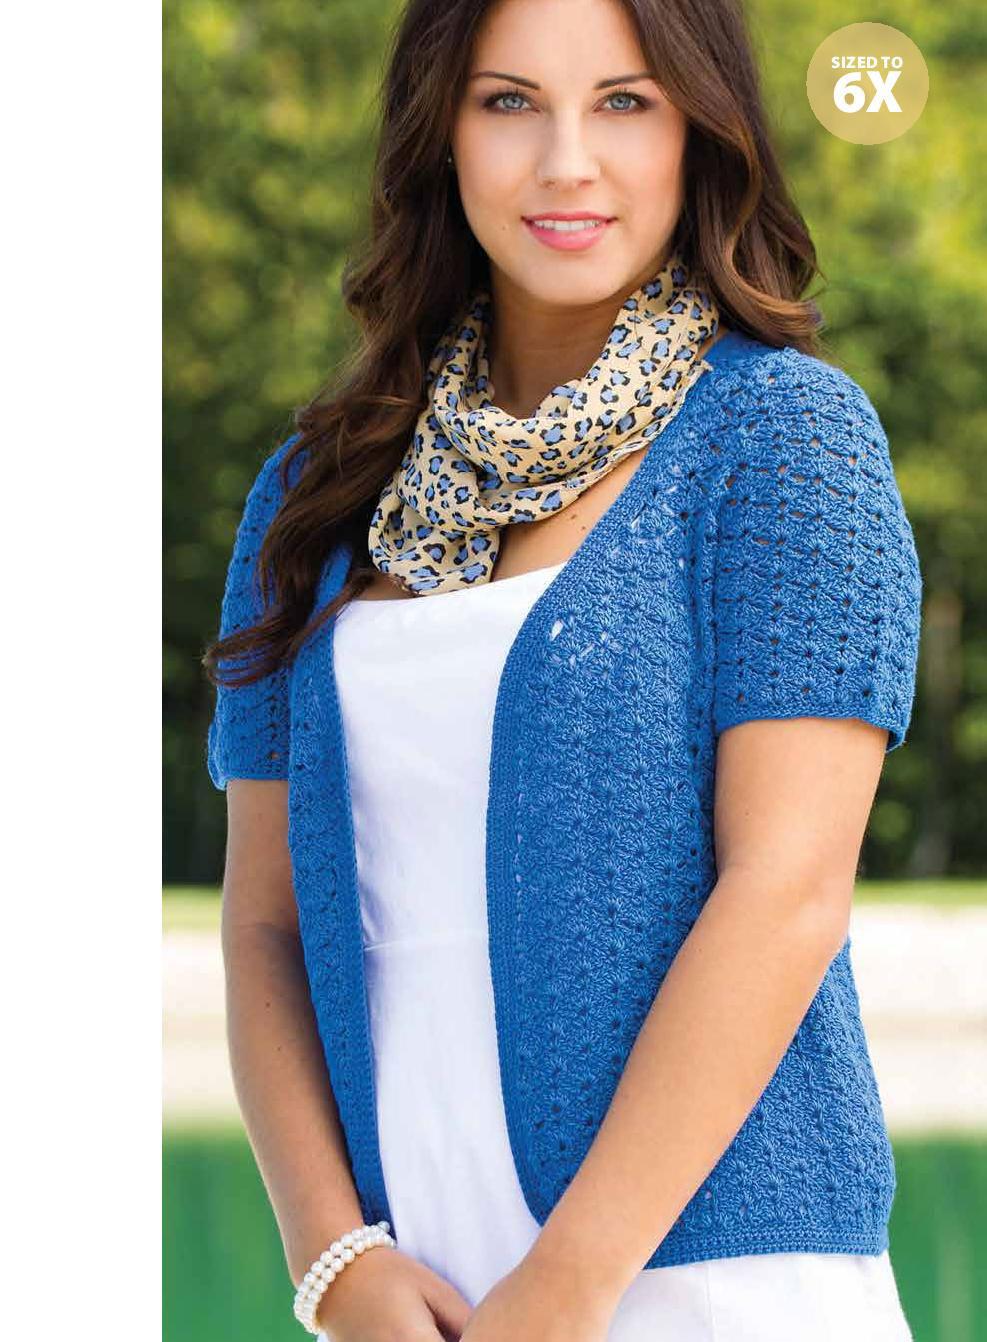 Little lacy cardigan crochet pattern ⋆ Crochet Kingdom